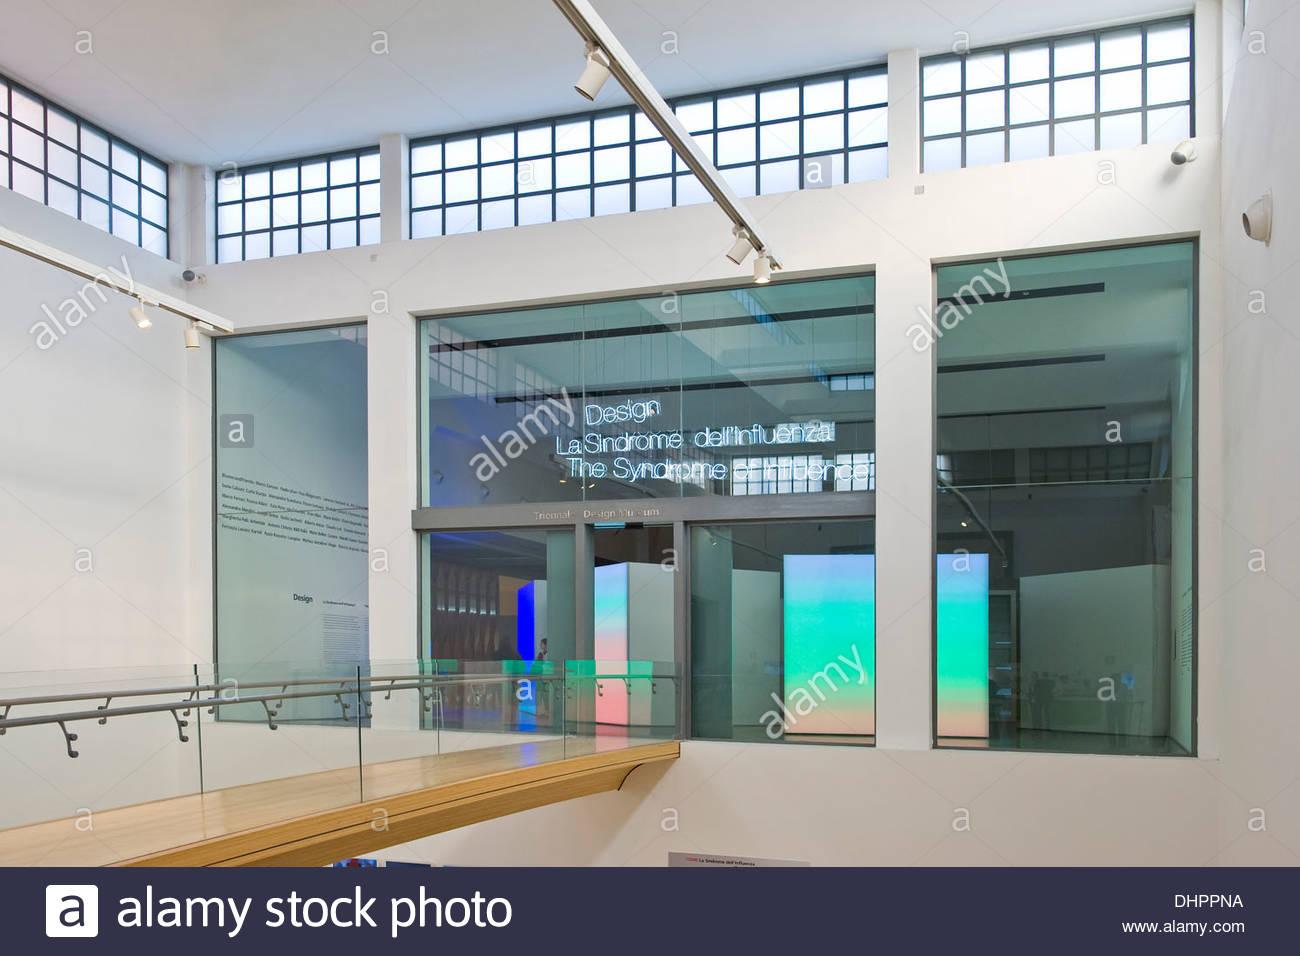 triennale di milano,italy - Stock Image